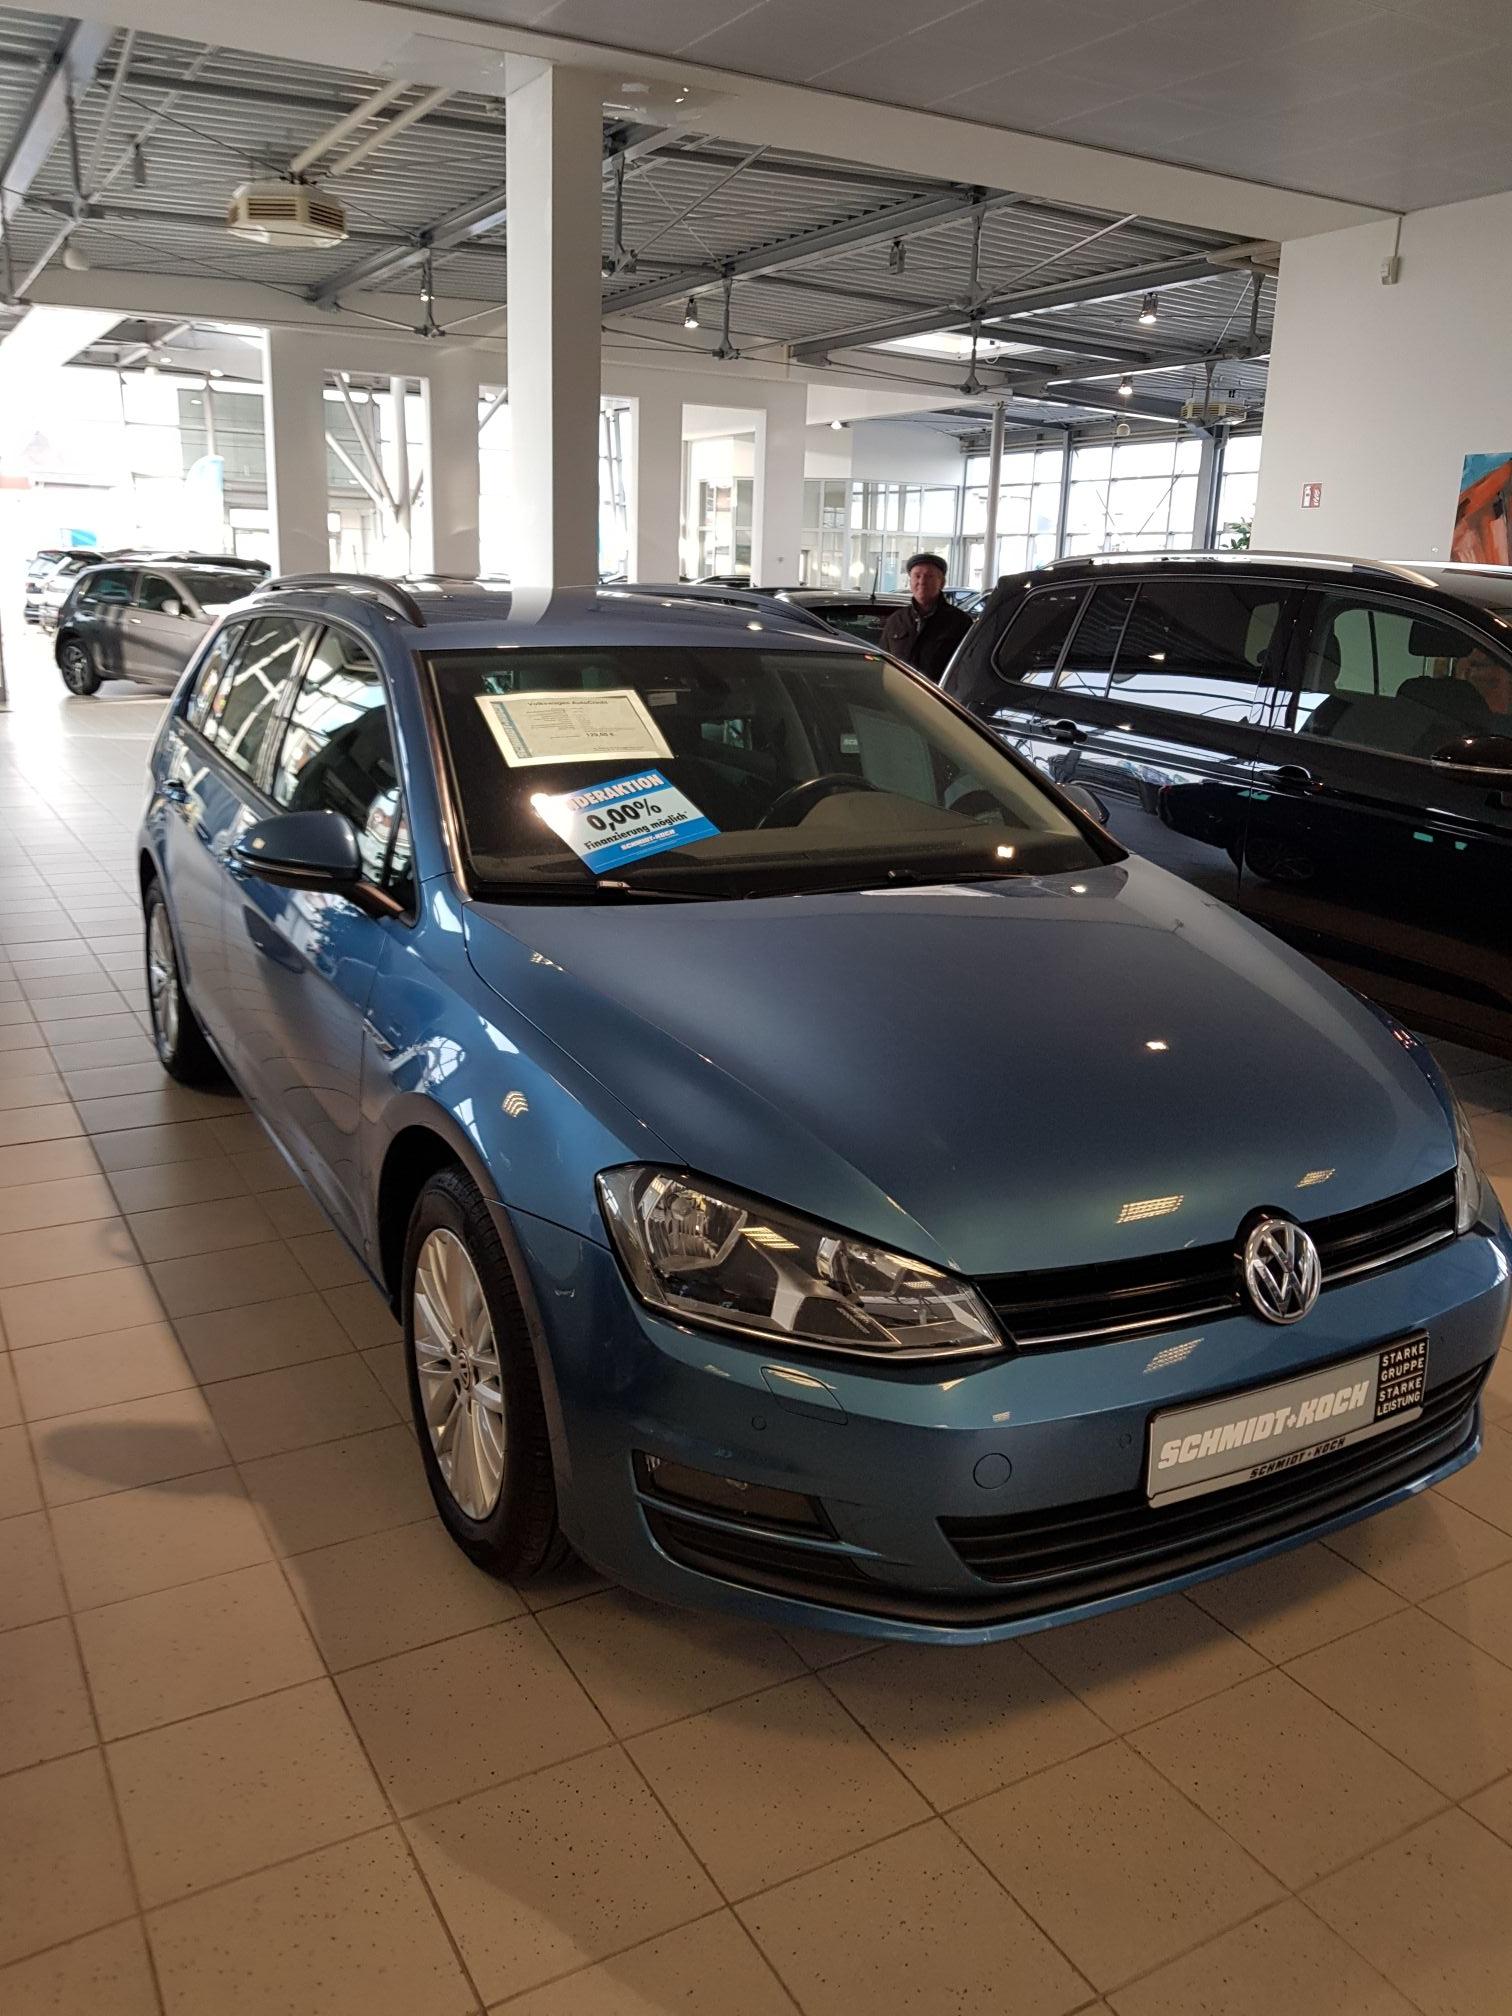 0% finanzierung auf VW Dieselfahrzeuge mit Euro 5 und 6